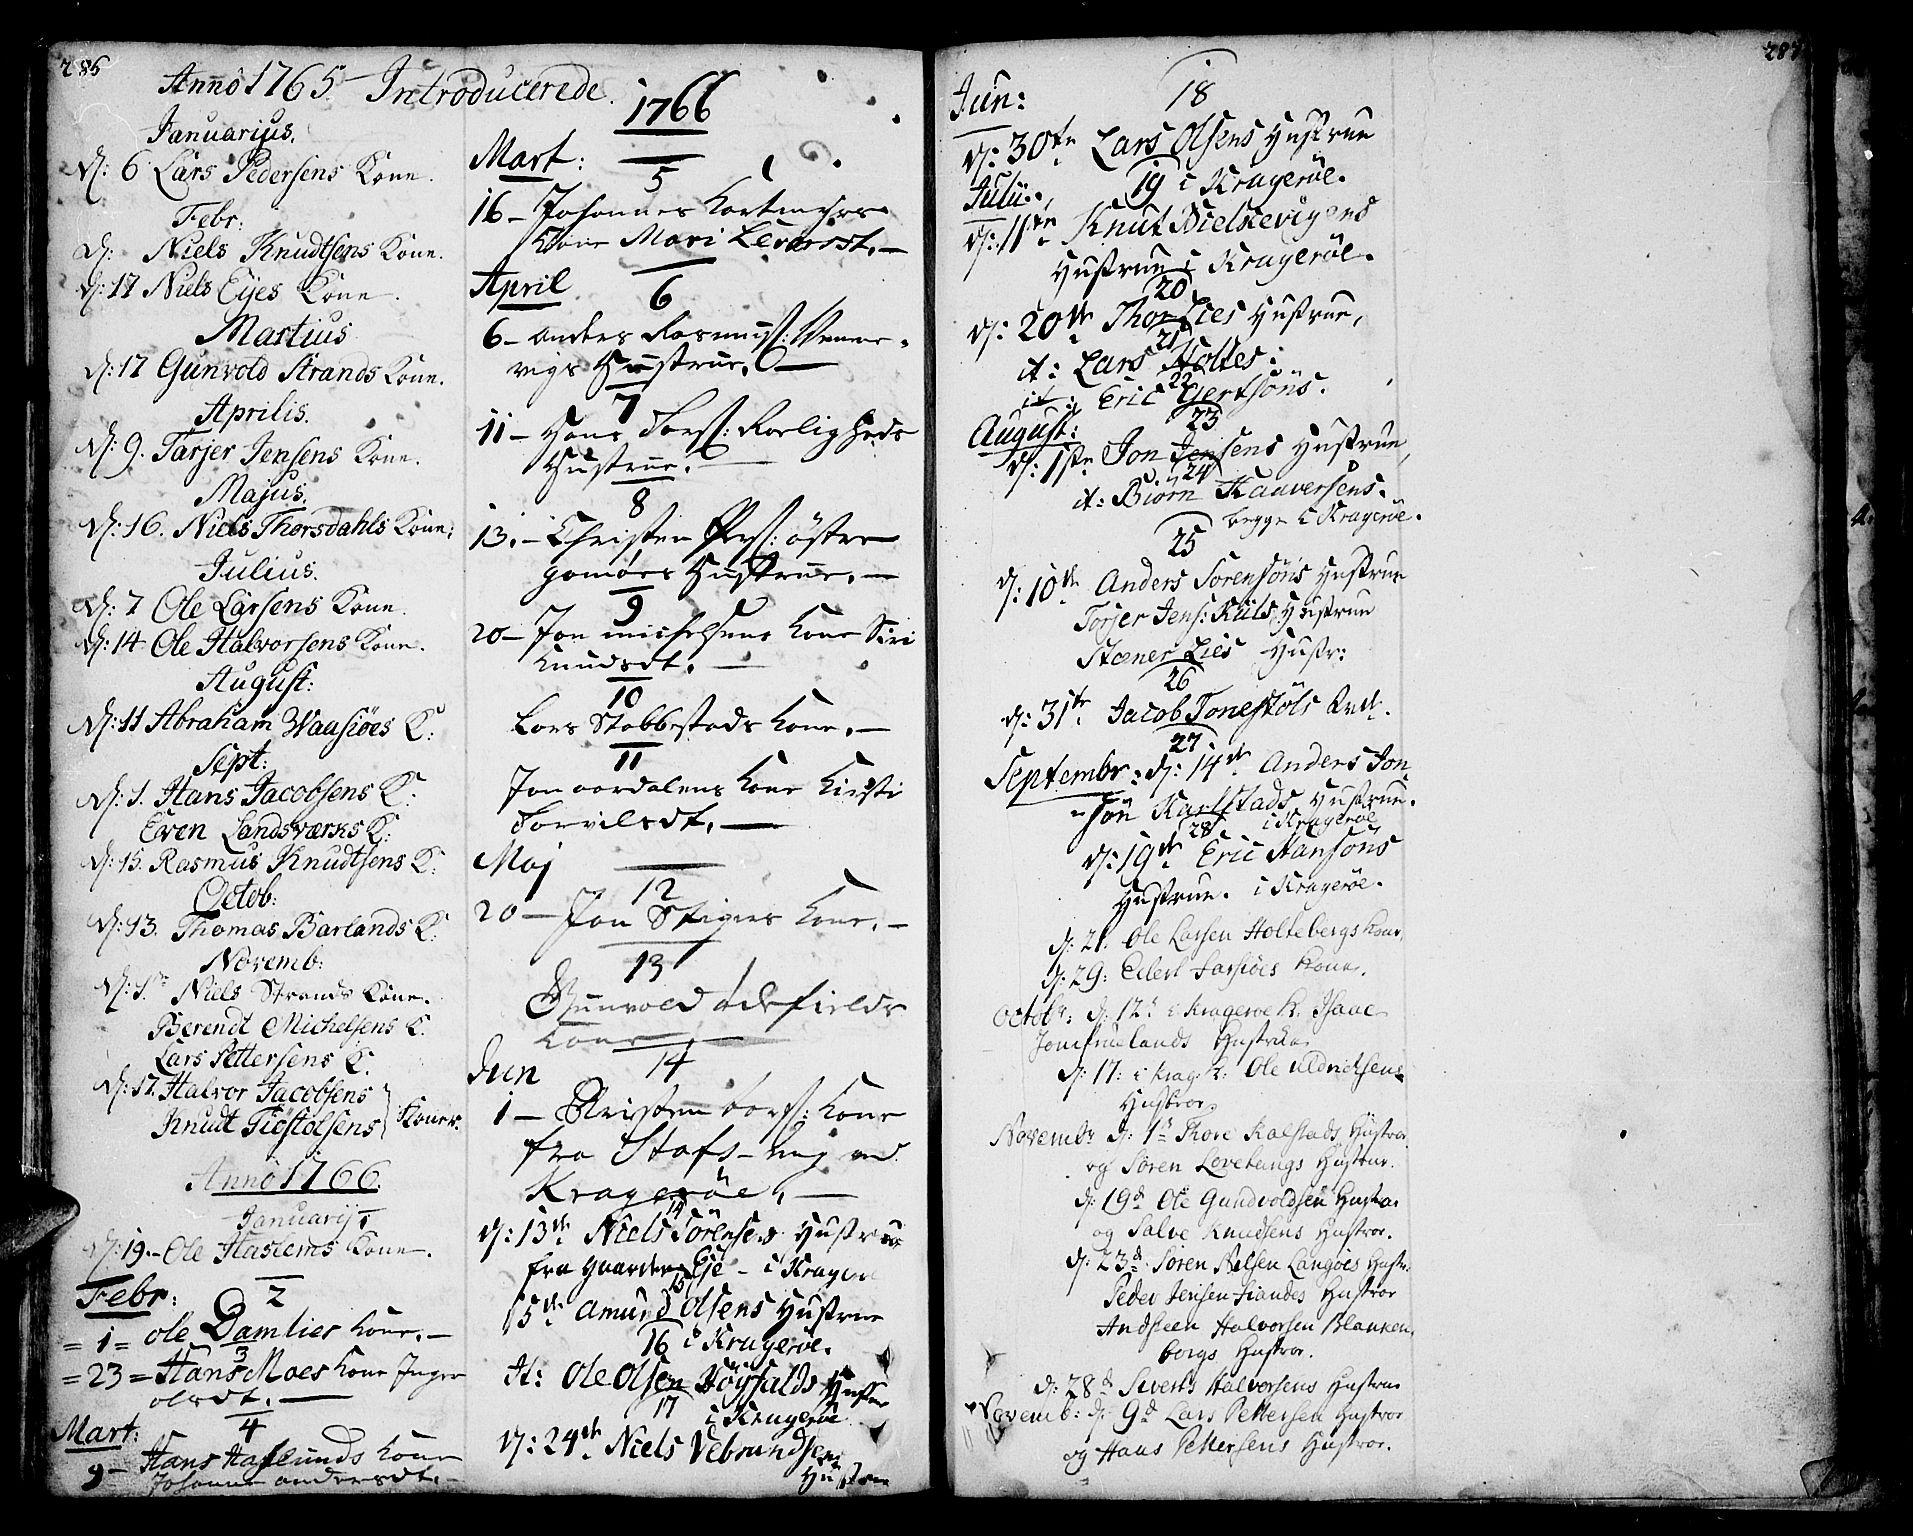 SAKO, Sannidal kirkebøker, F/Fa/L0001: Ministerialbok nr. 1, 1702-1766, s. 286-287